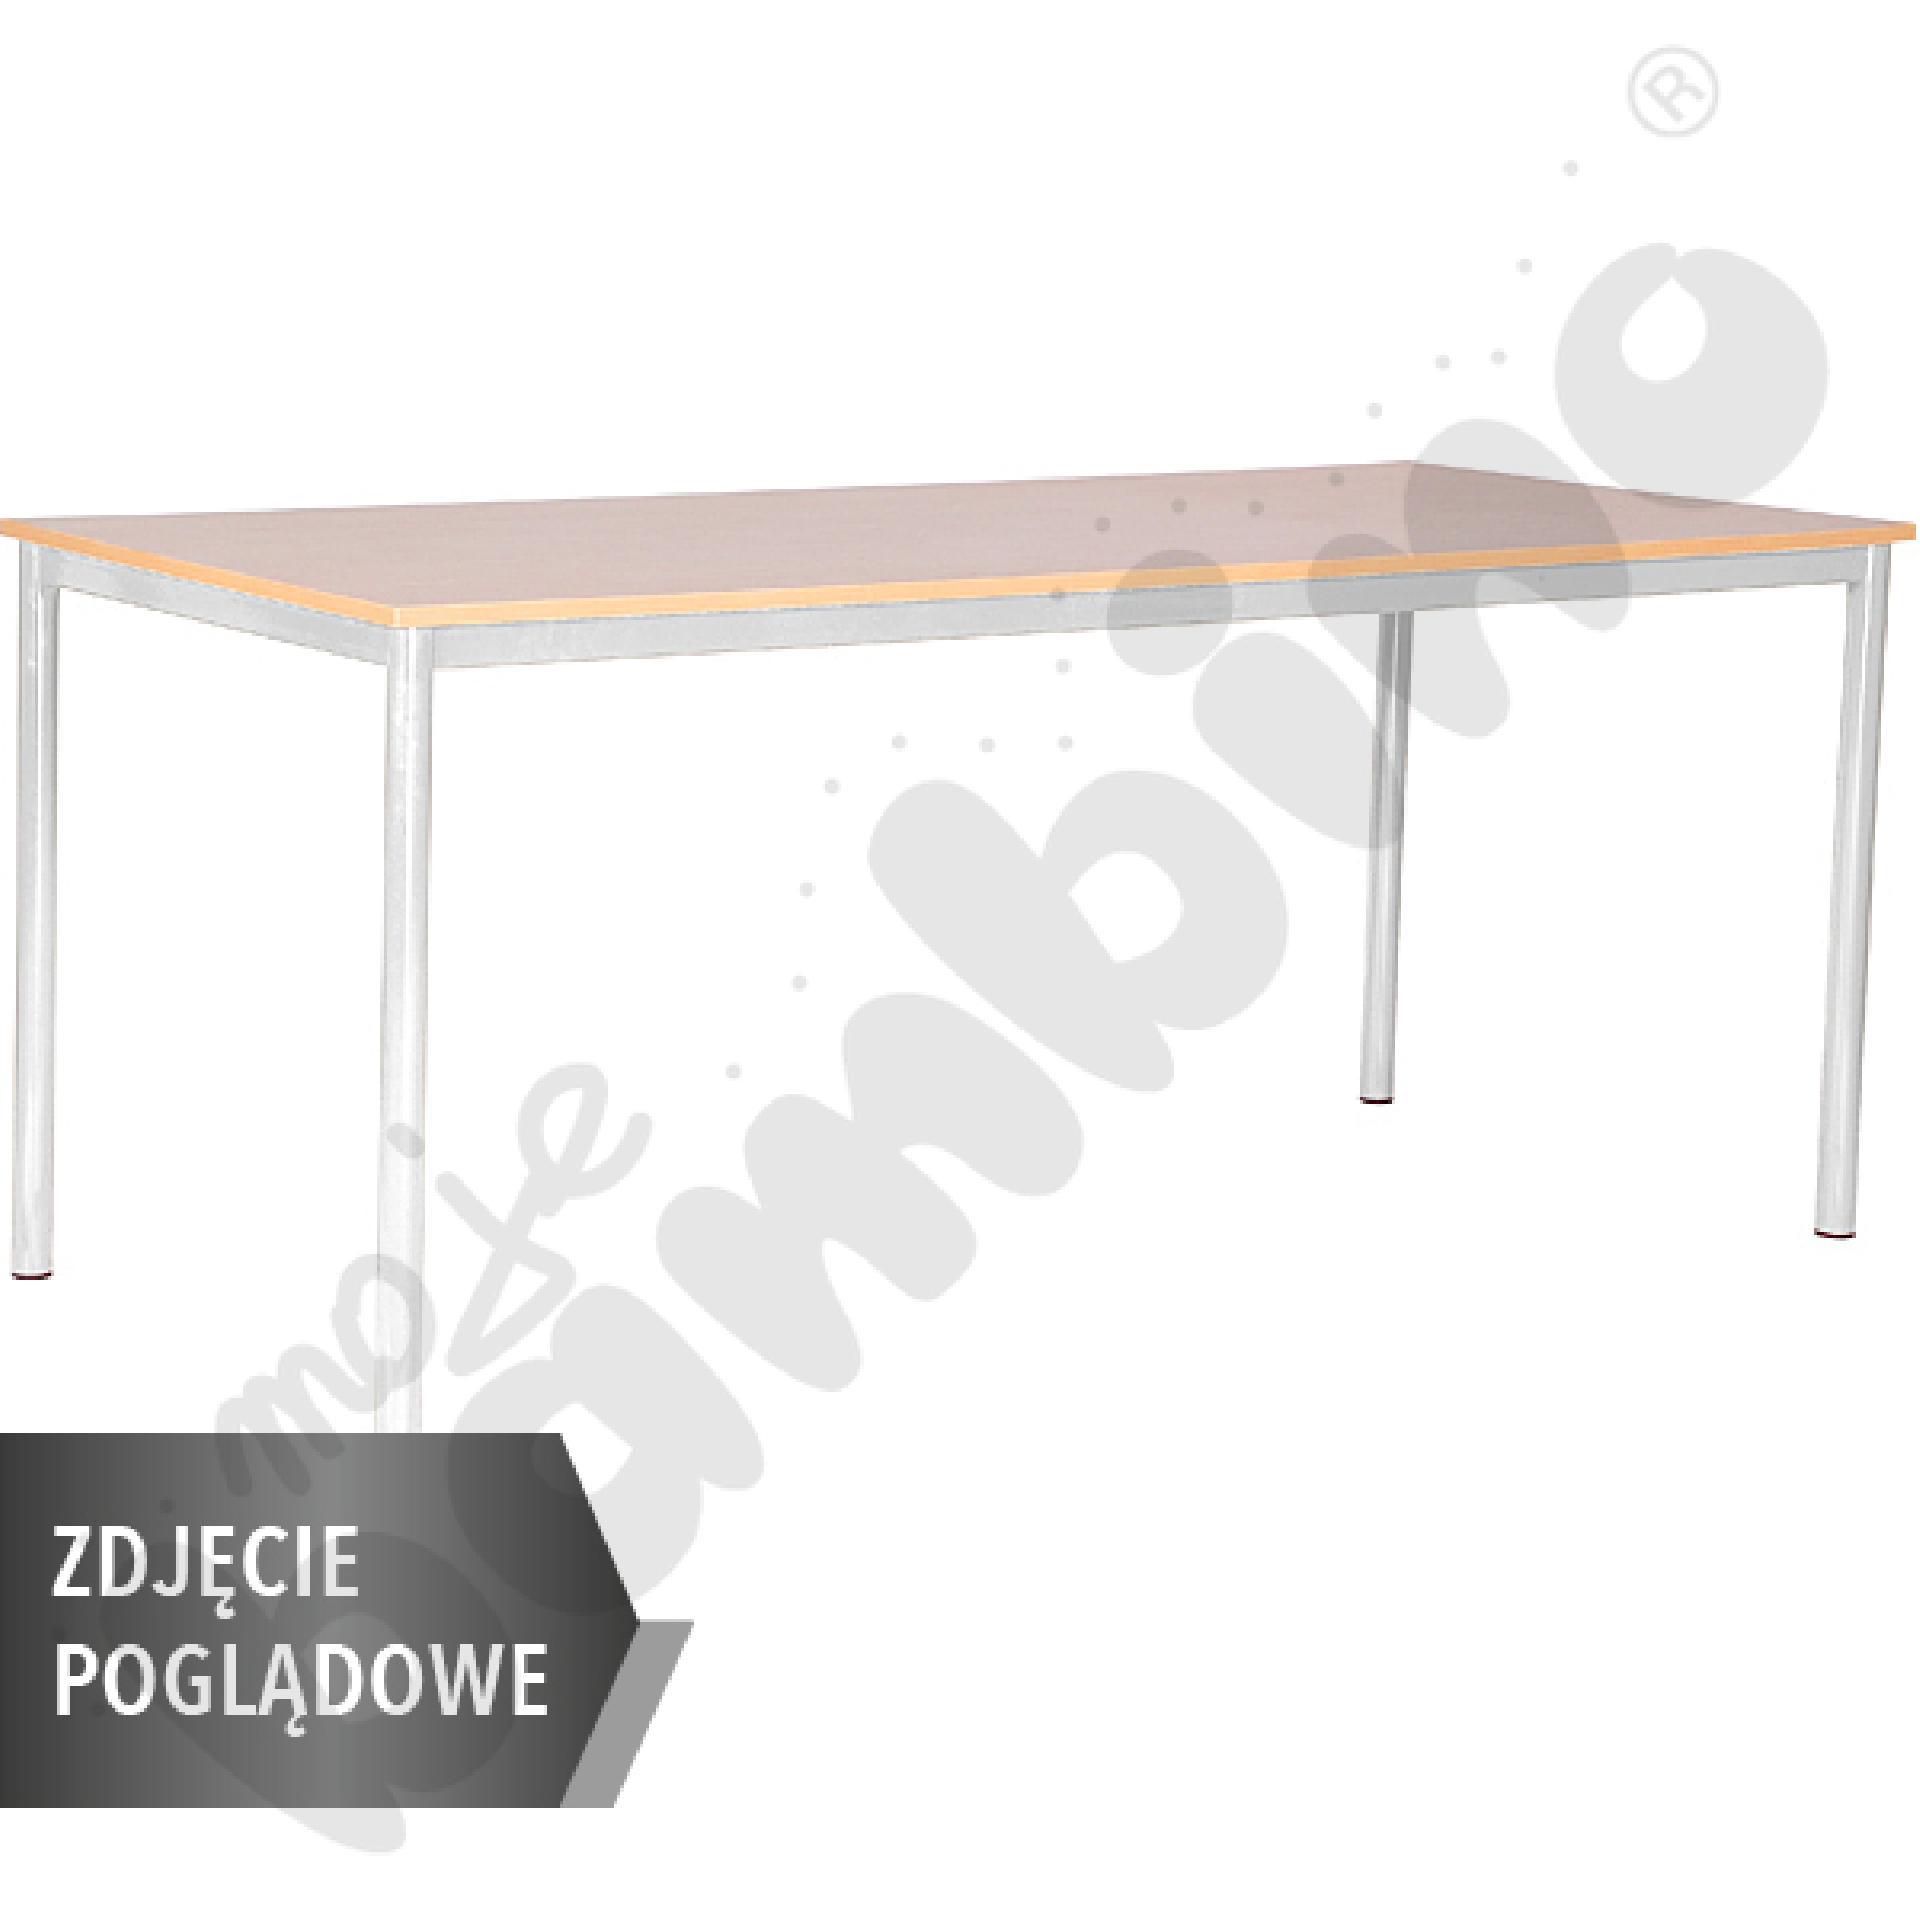 Stół Mila 180x80 rozm. 6, 8os., stelaż niebieski, blat klon, obrzeże ABS, narożniki proste